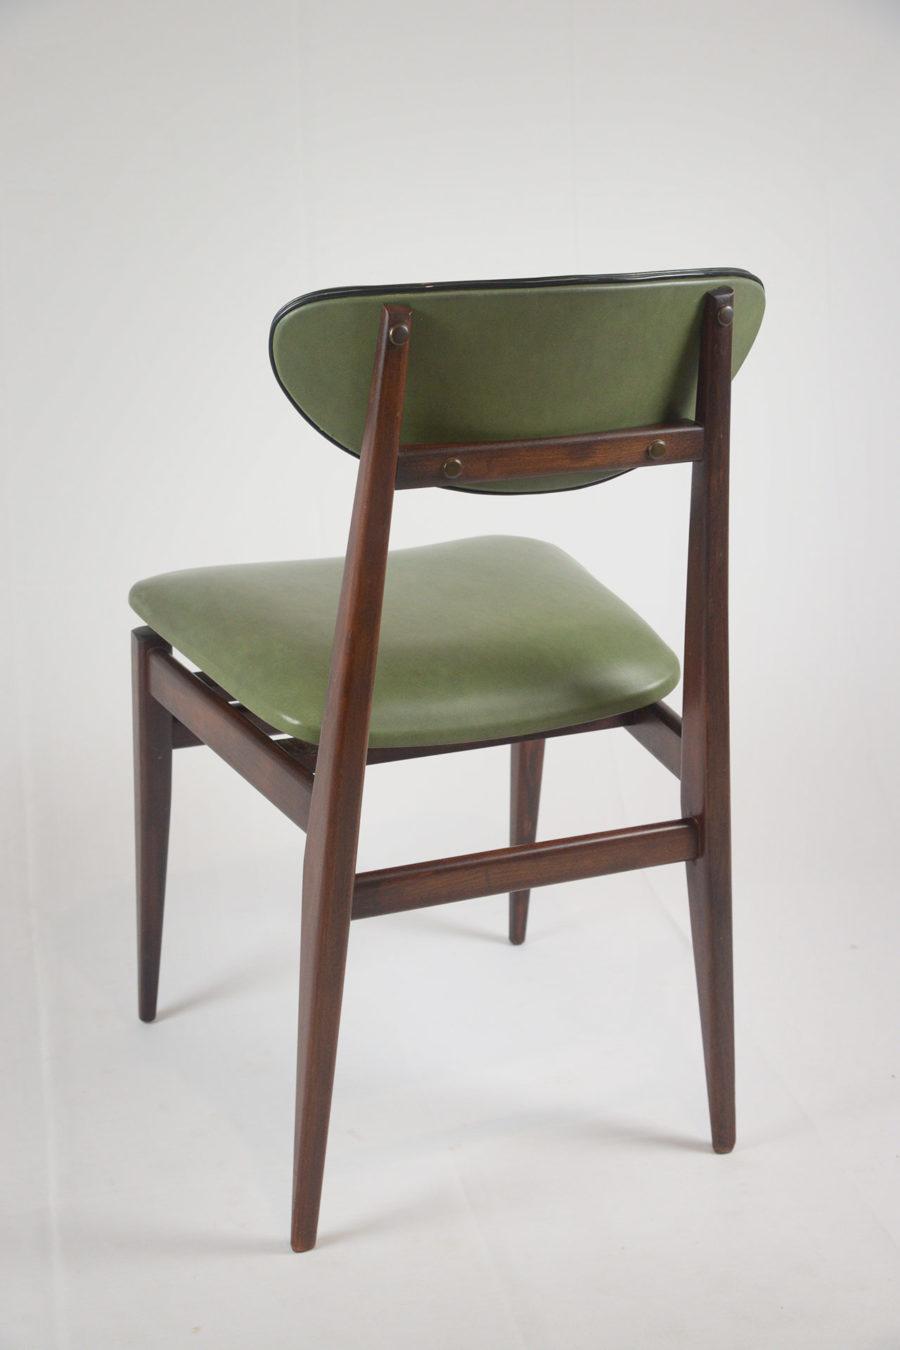 Lot de 2 chaises type scandinave années 60 - DSC_9631.jpg